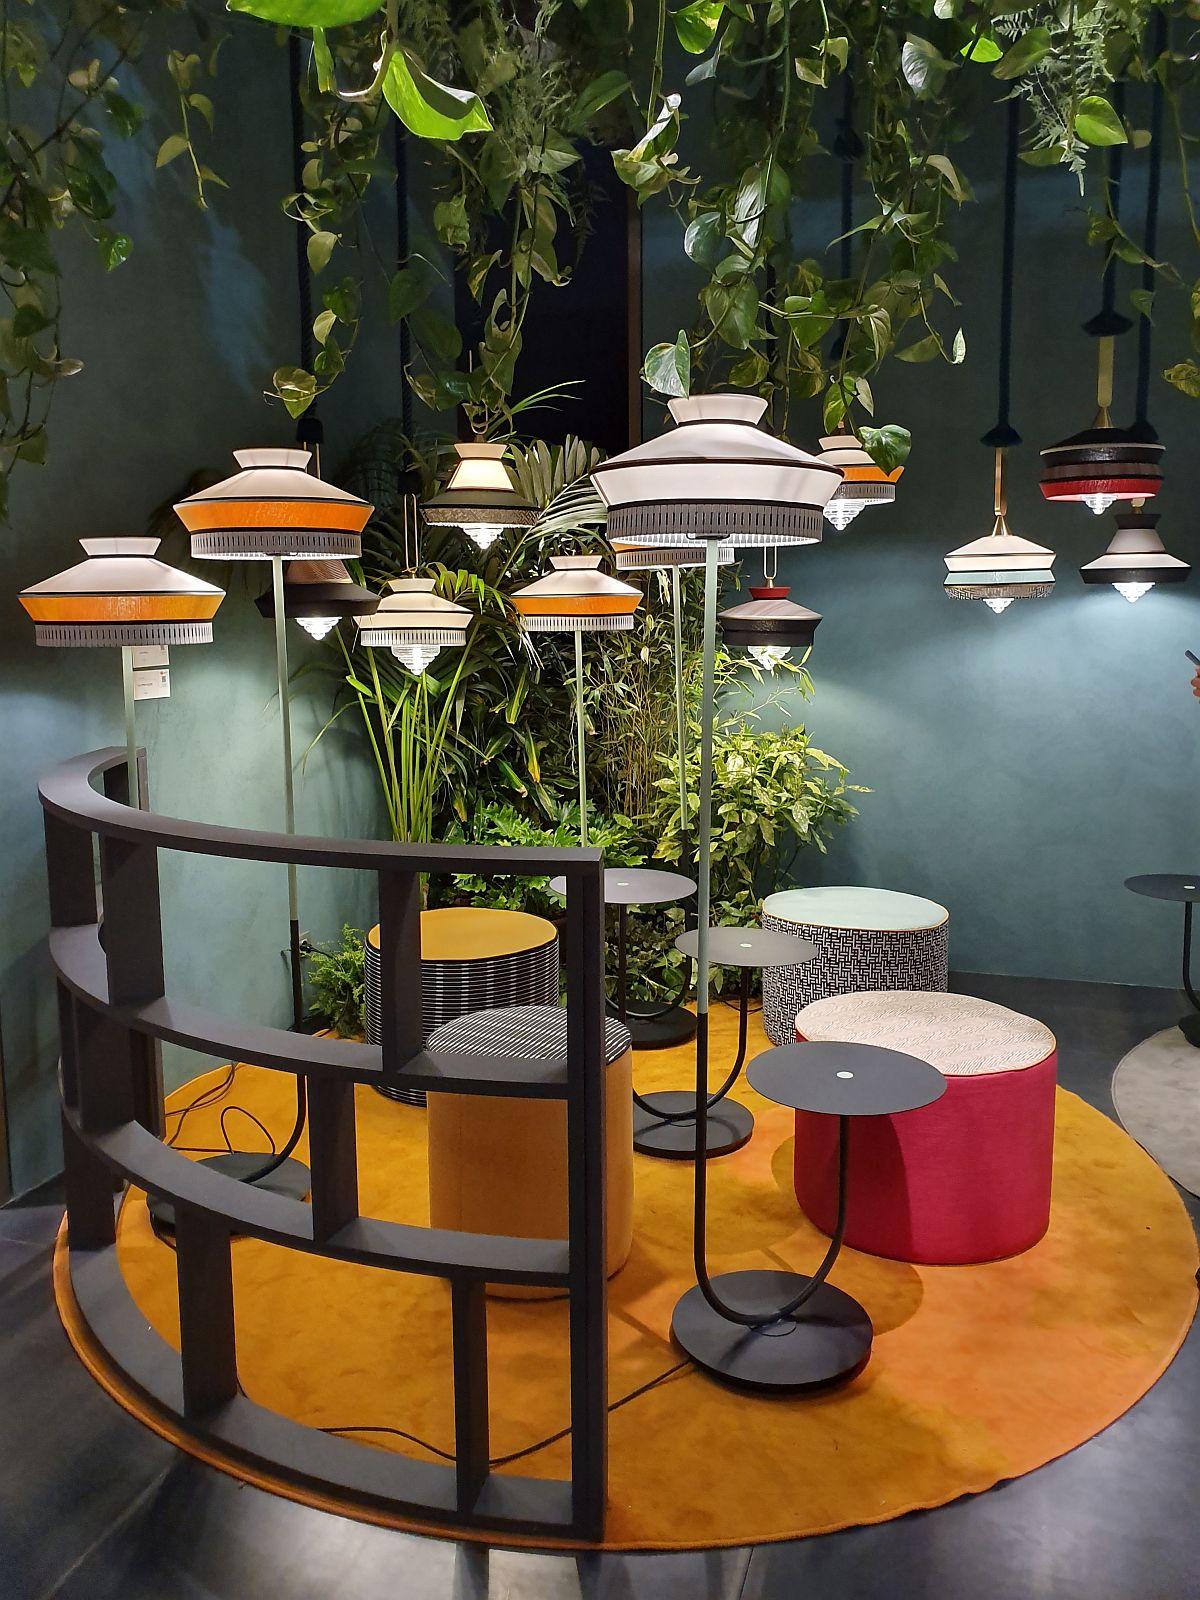 Corpuri de iluminat puse în valoare de alăturarea cu plante suspendate în standul Contardi.